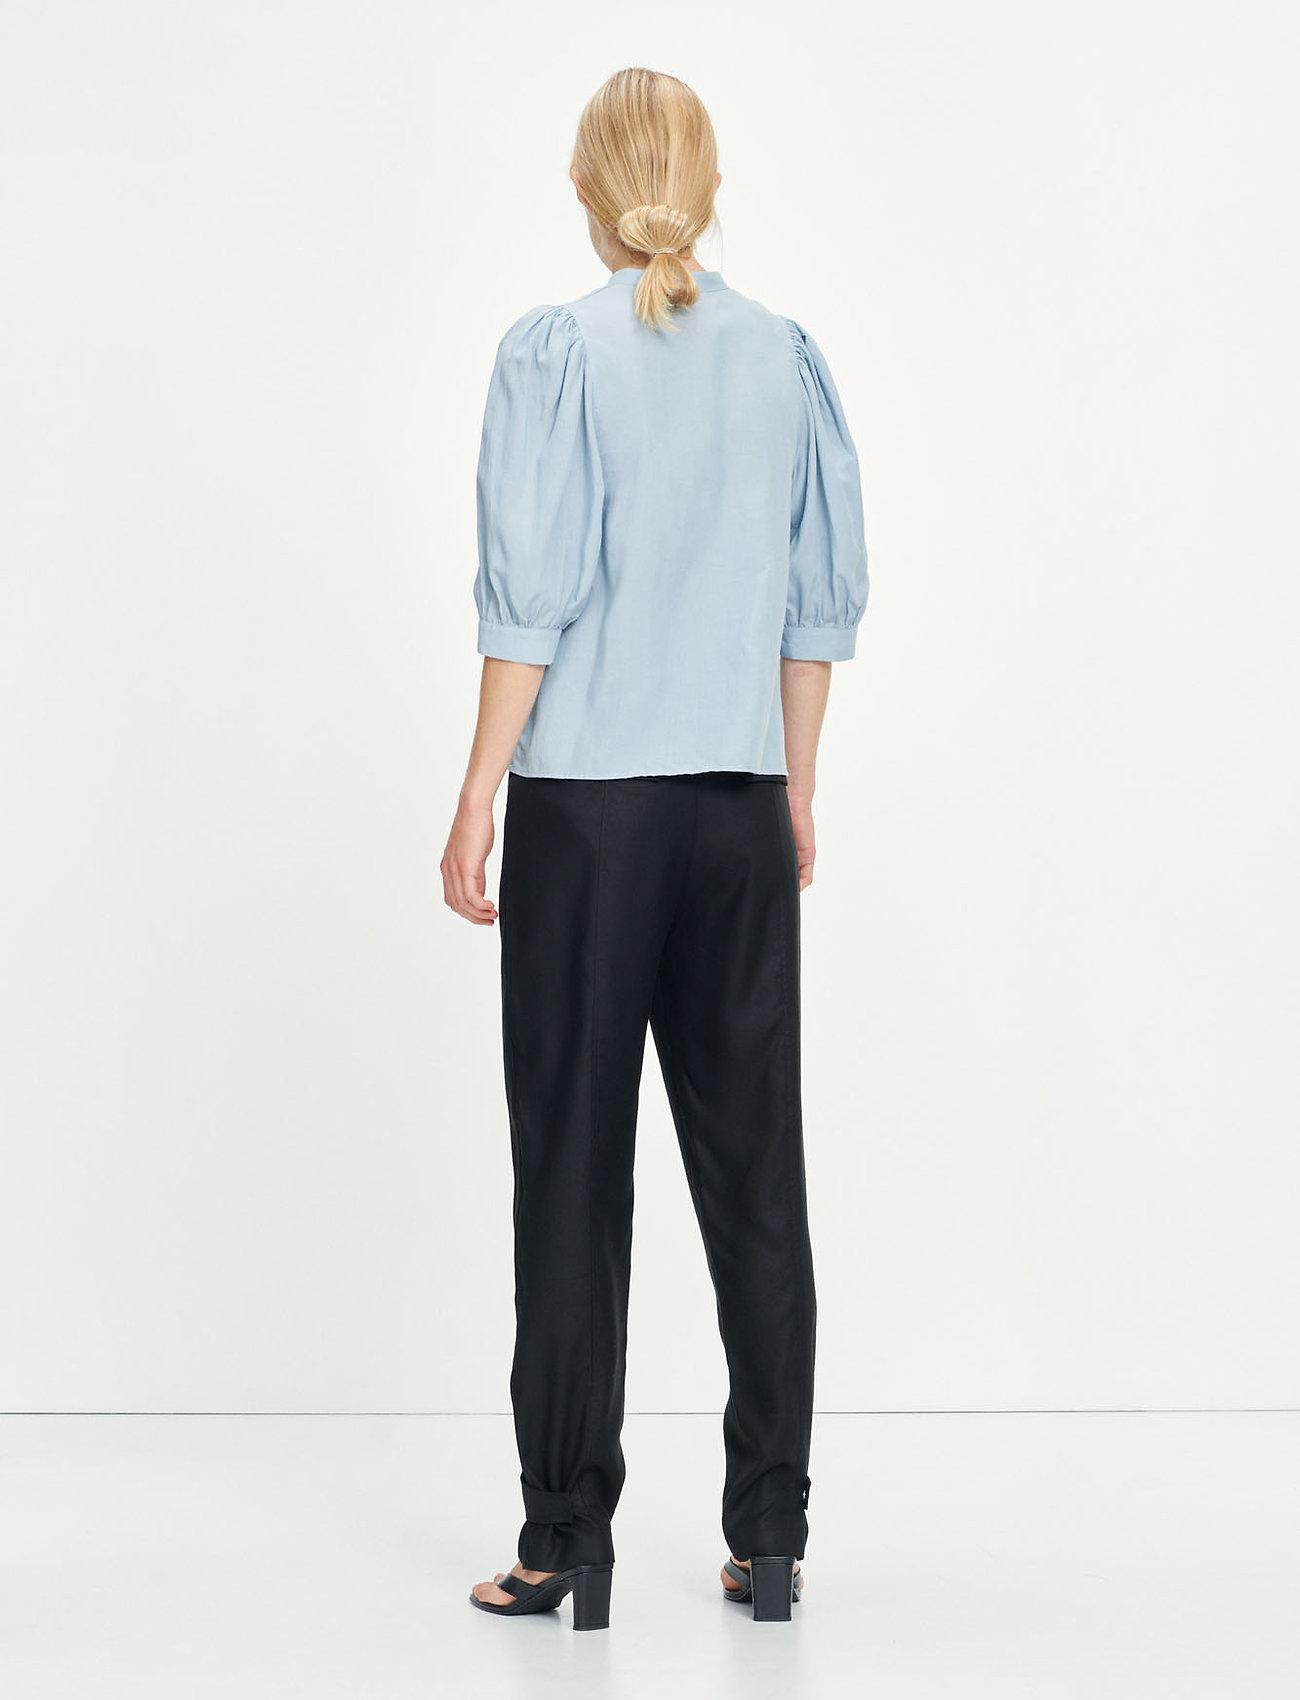 Samsøe Samsøe - Mejse shirt 12771 - kortærmede skjorter - dusty blue - 3